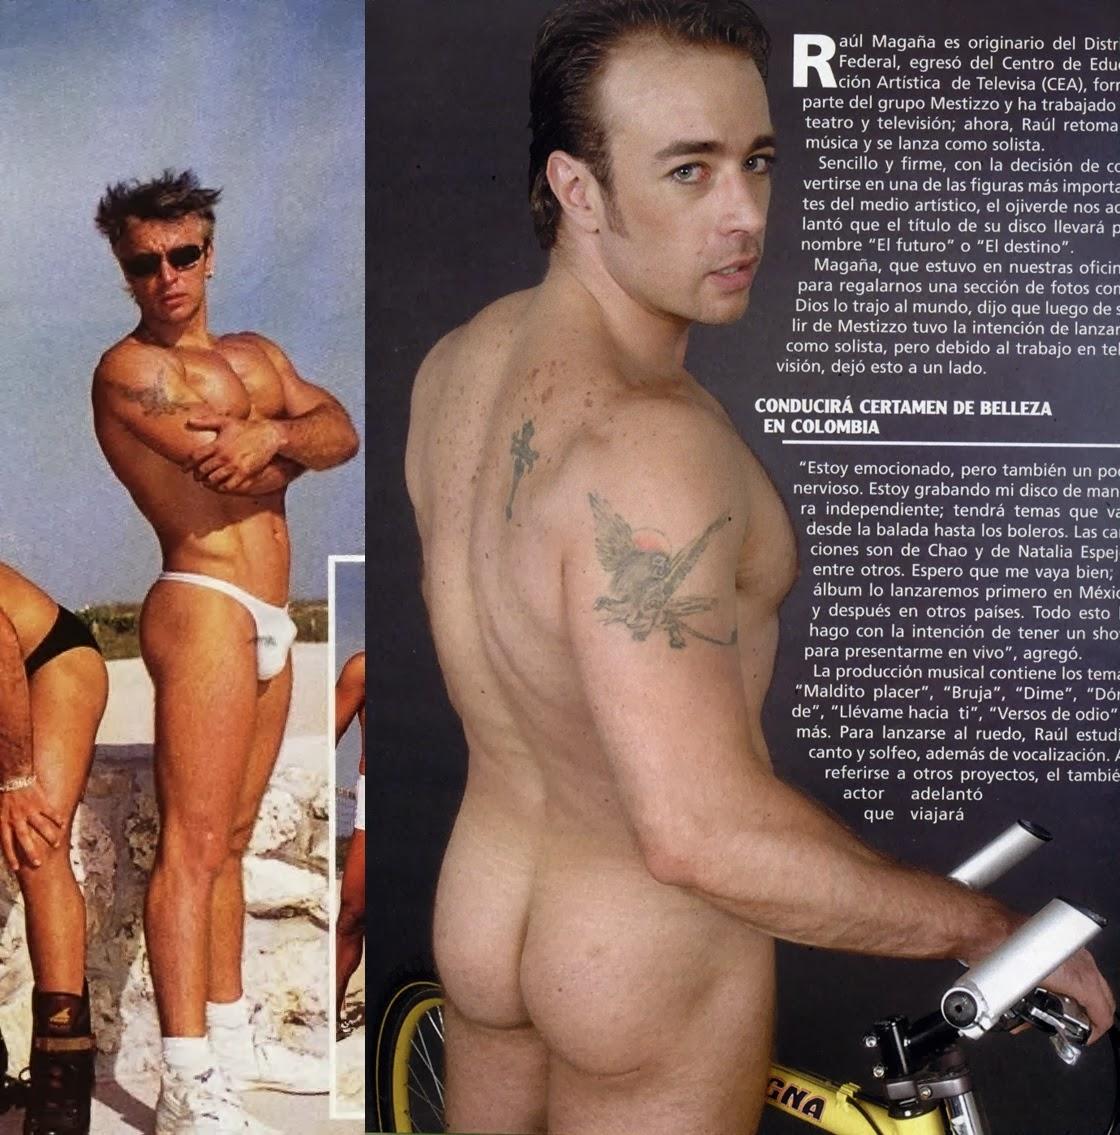 Aaron lautner y alejandro chus follada gay en el semad - 2 part 9